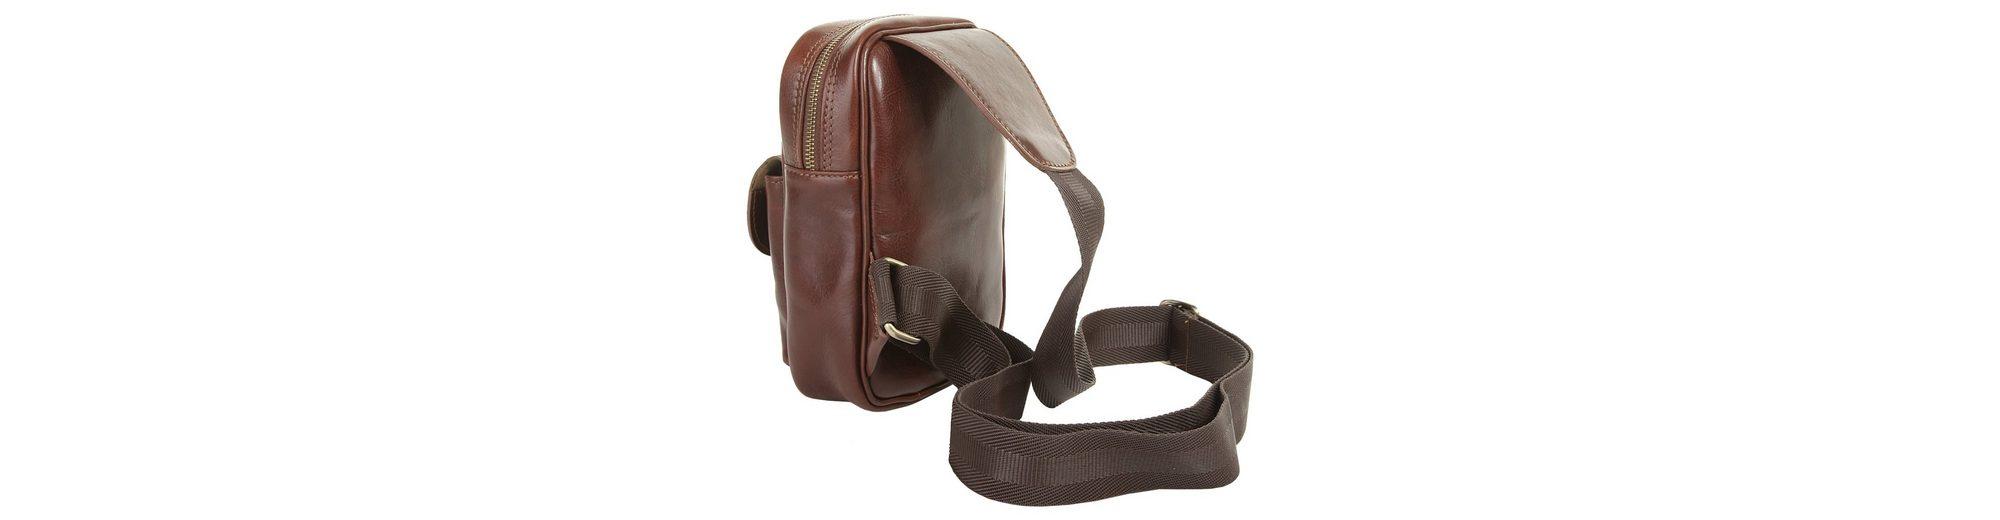 piké Crossover Bag Online-Verkauf Freies Verschiffen Versorgung MoLQ7R